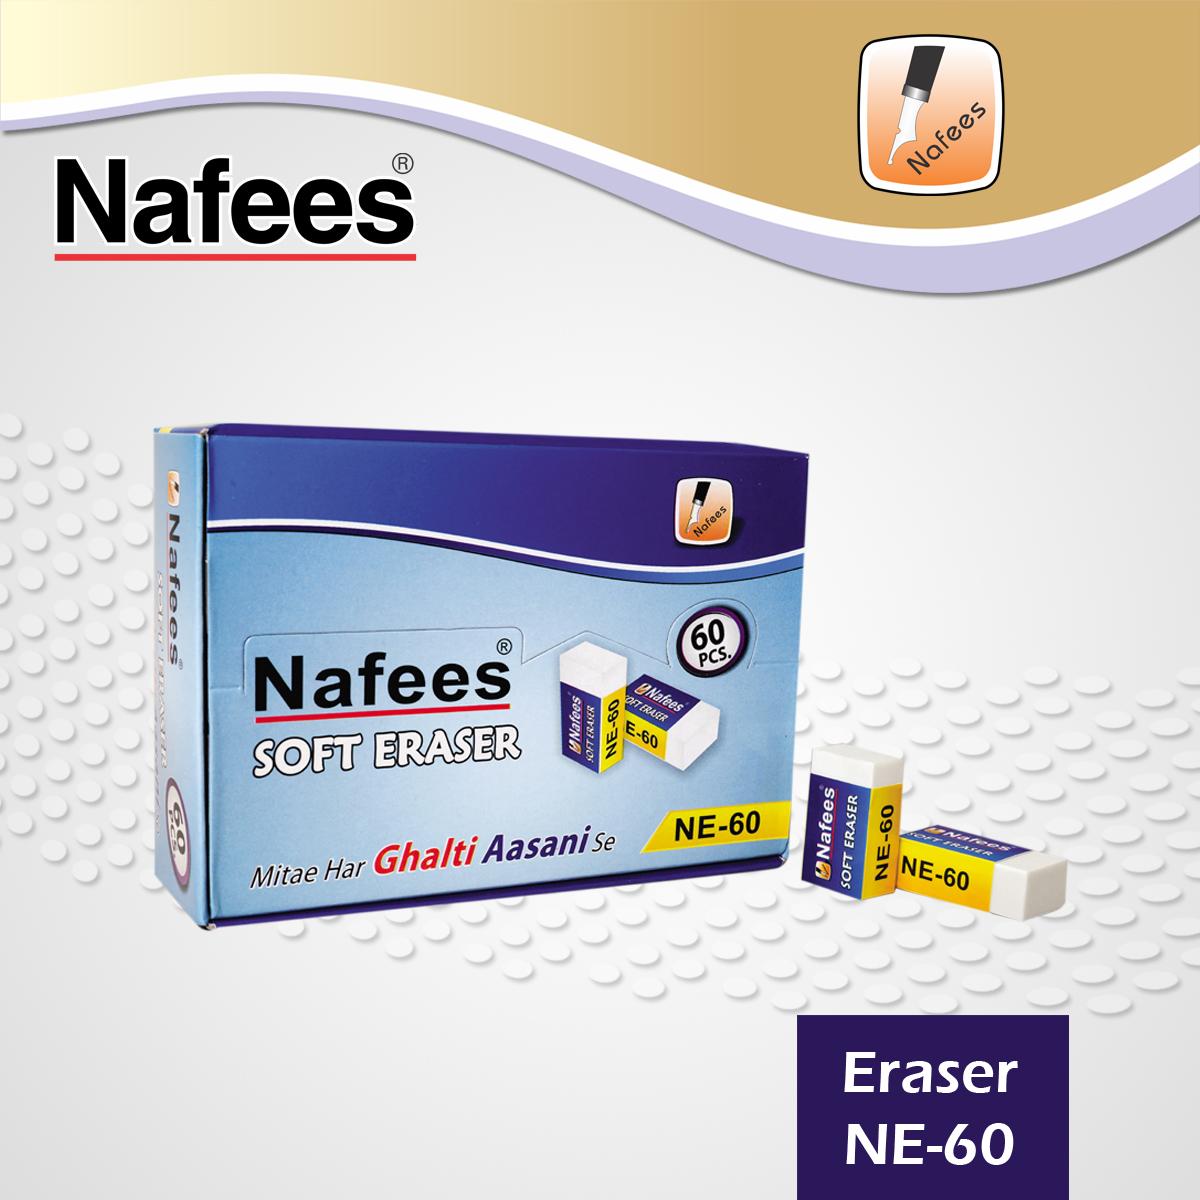 NE-60 Eraser